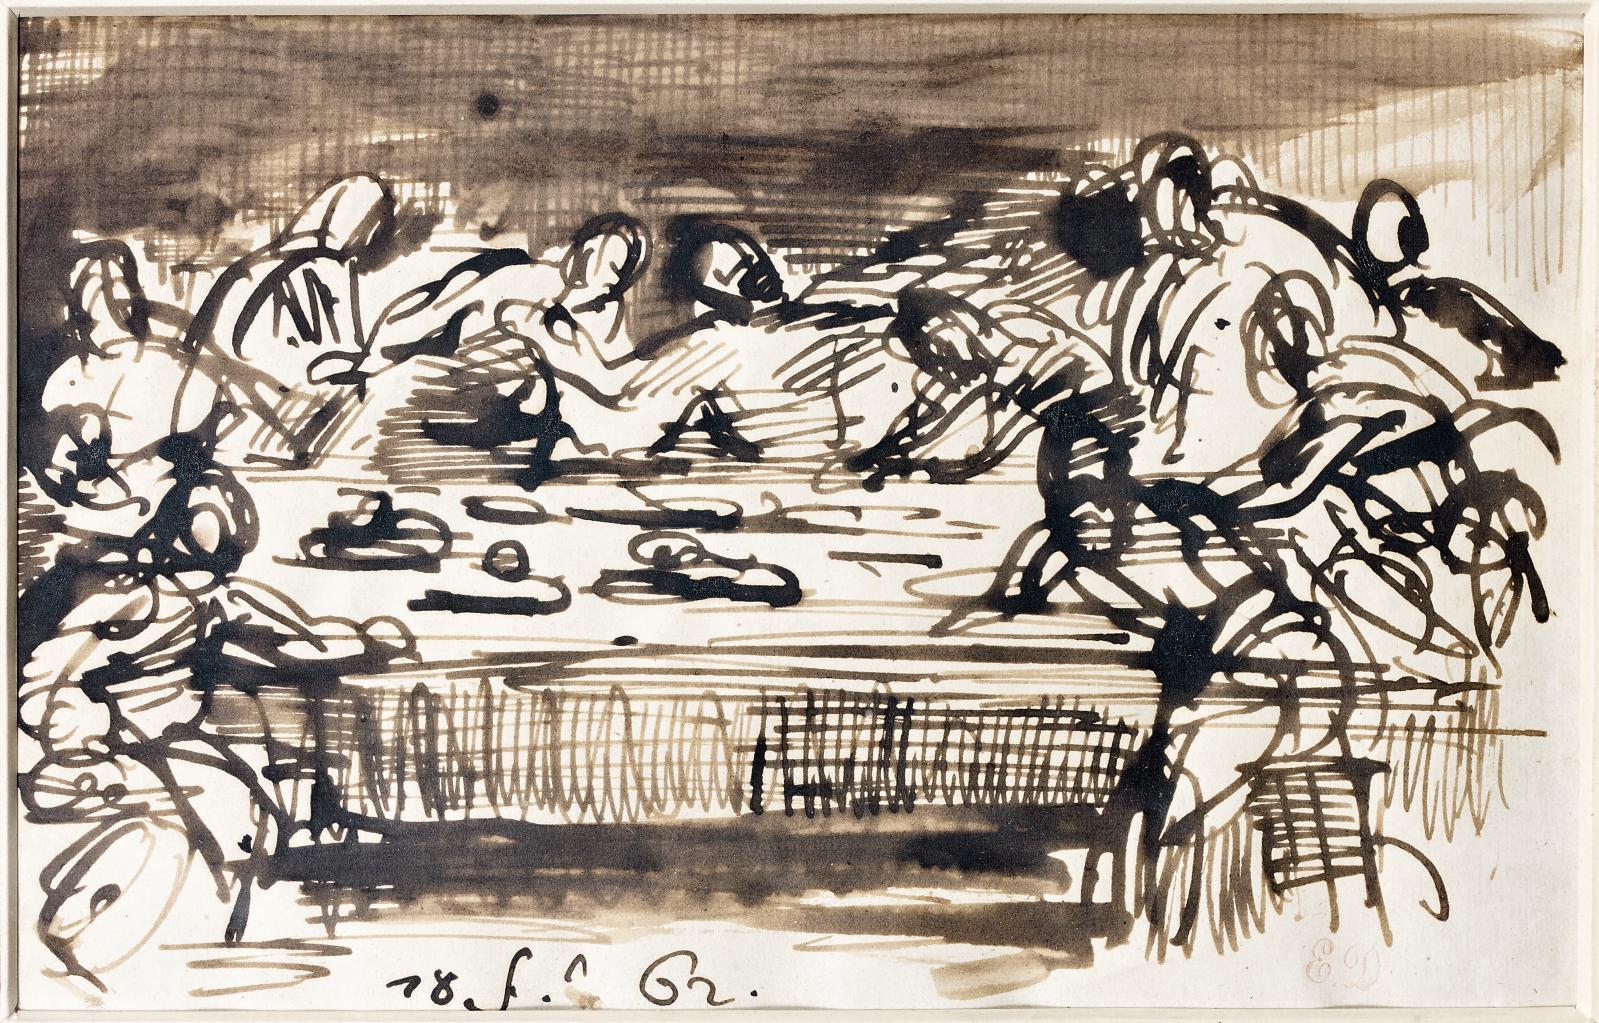 La Cène, 1862, plume et encre brune, lavis brun, 12,5x20cm (détail). Paris, Drouot, 26 mars 2014. Thierry de Maigret OVV. Adjugé: 52080€